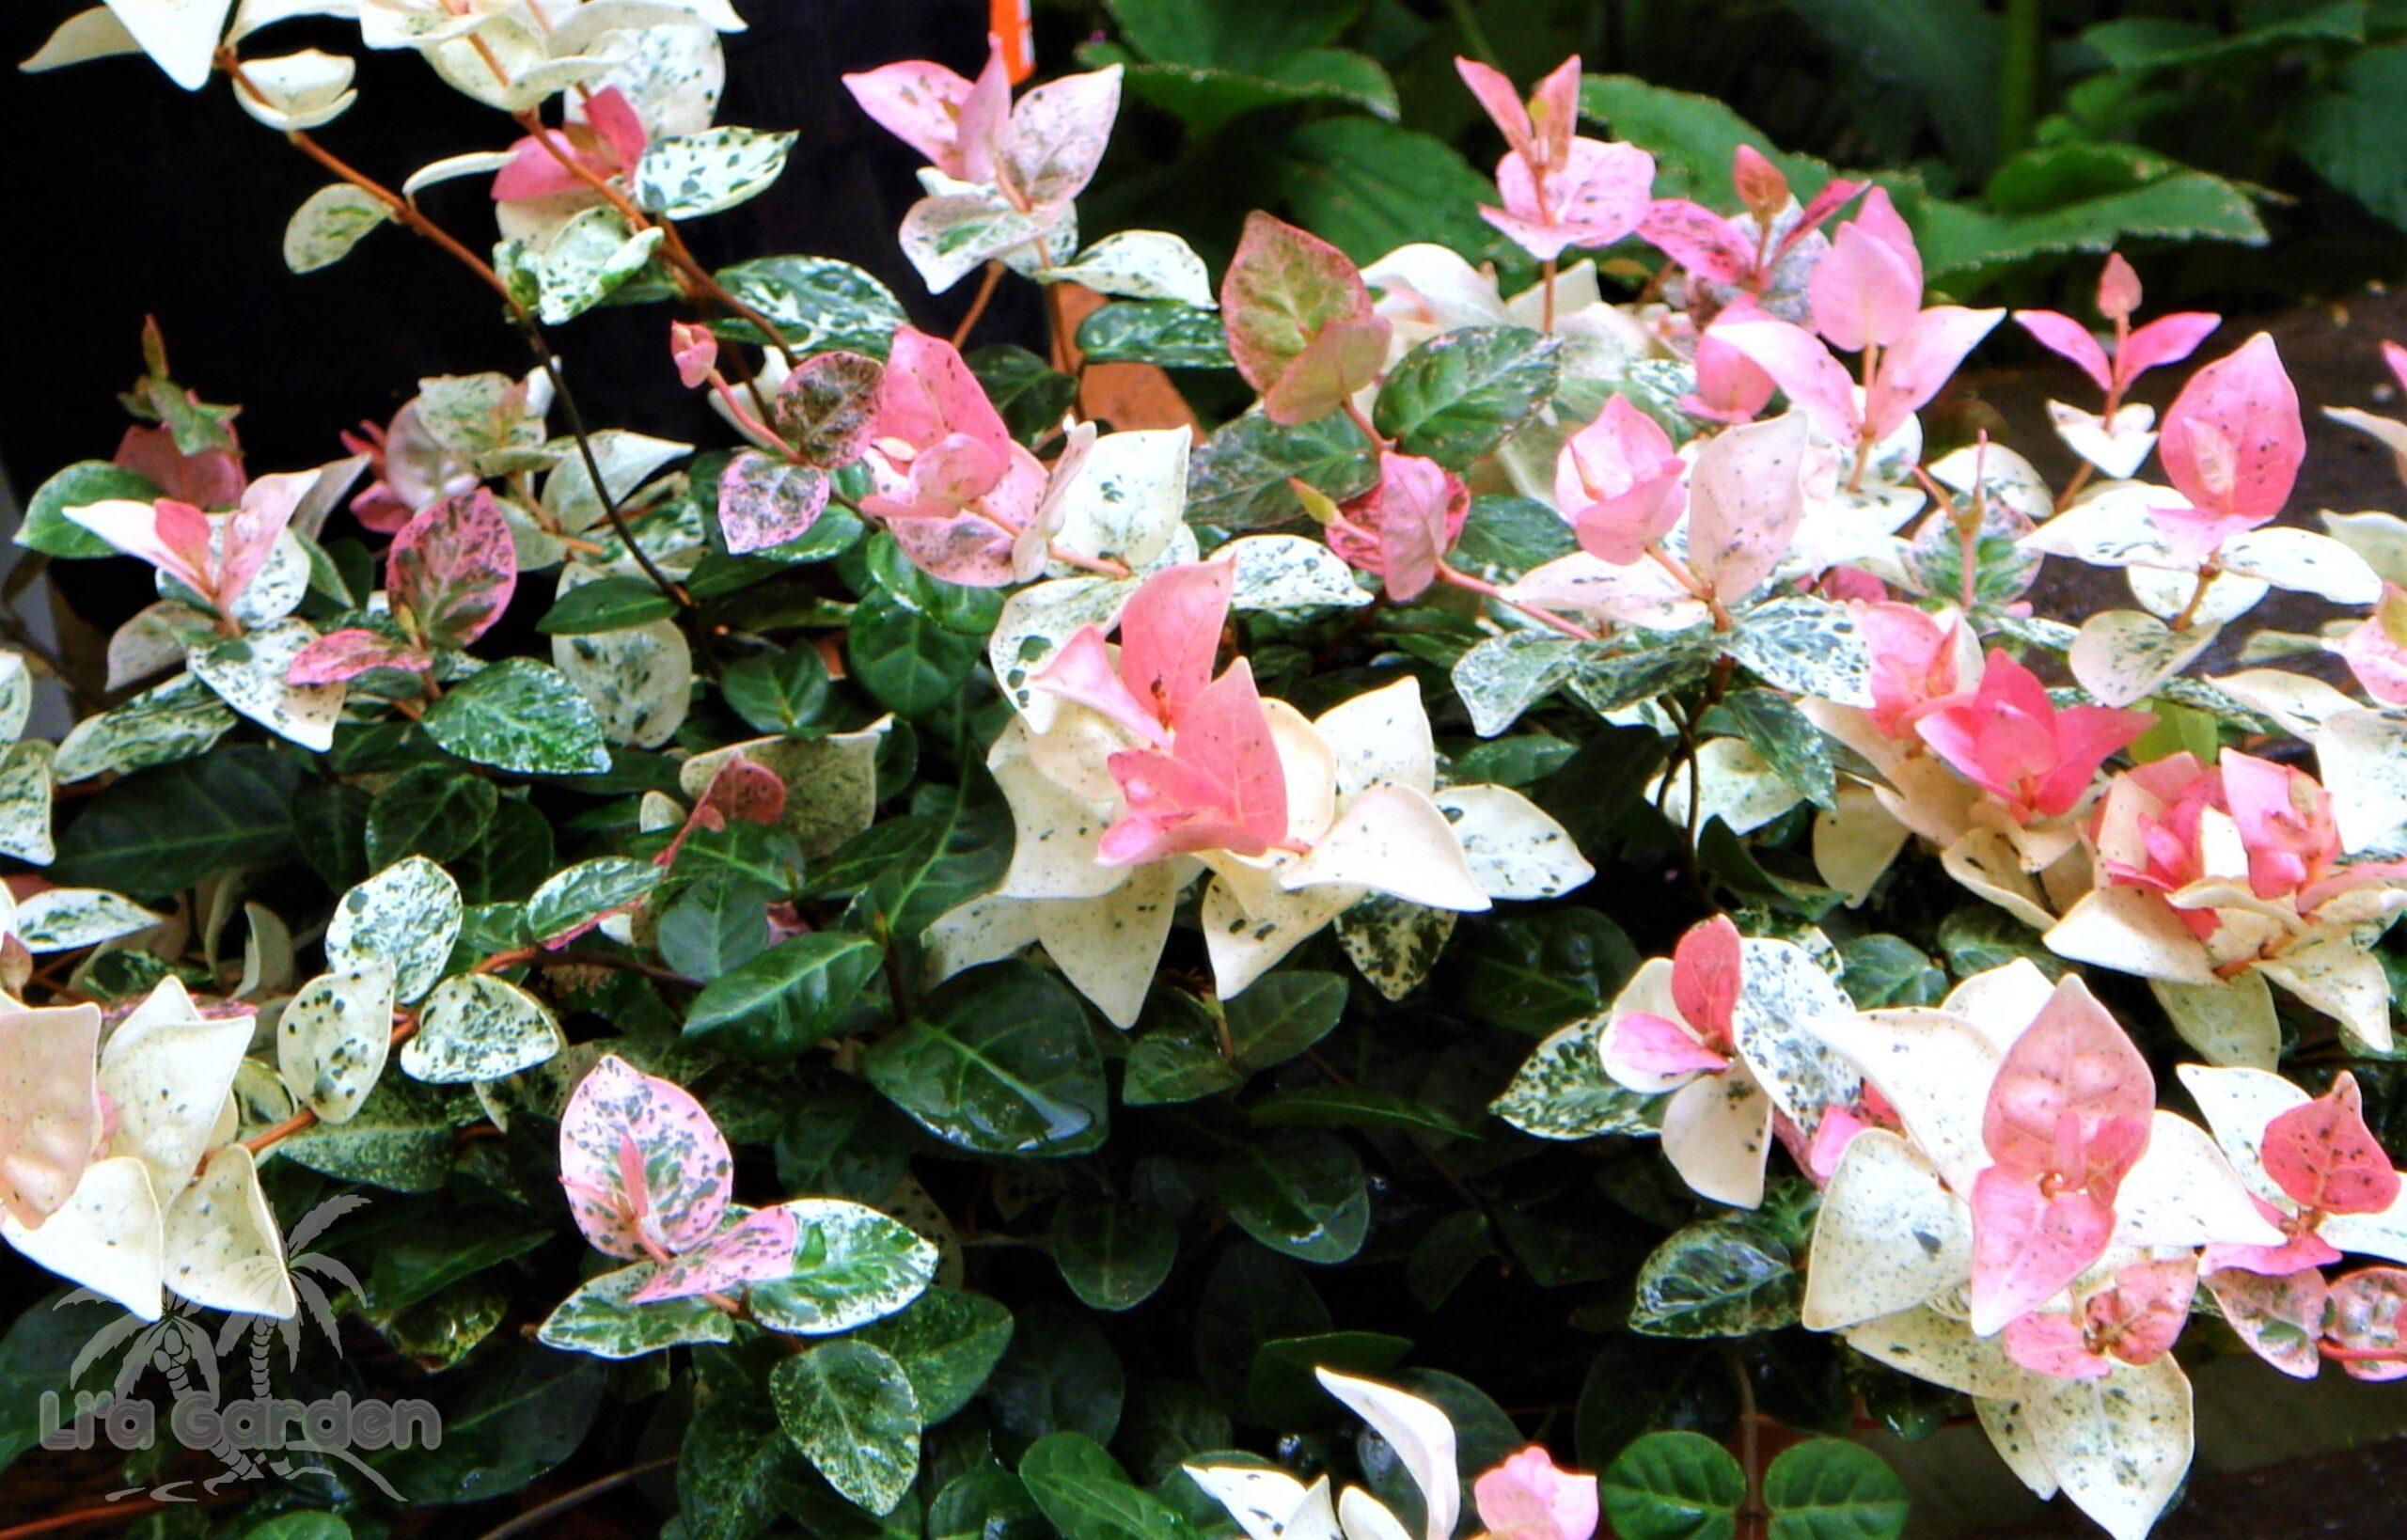 【グランドカバー】 ハツユキカズラ Trachelospermum asiaticum cv. 〈常緑多年草〉